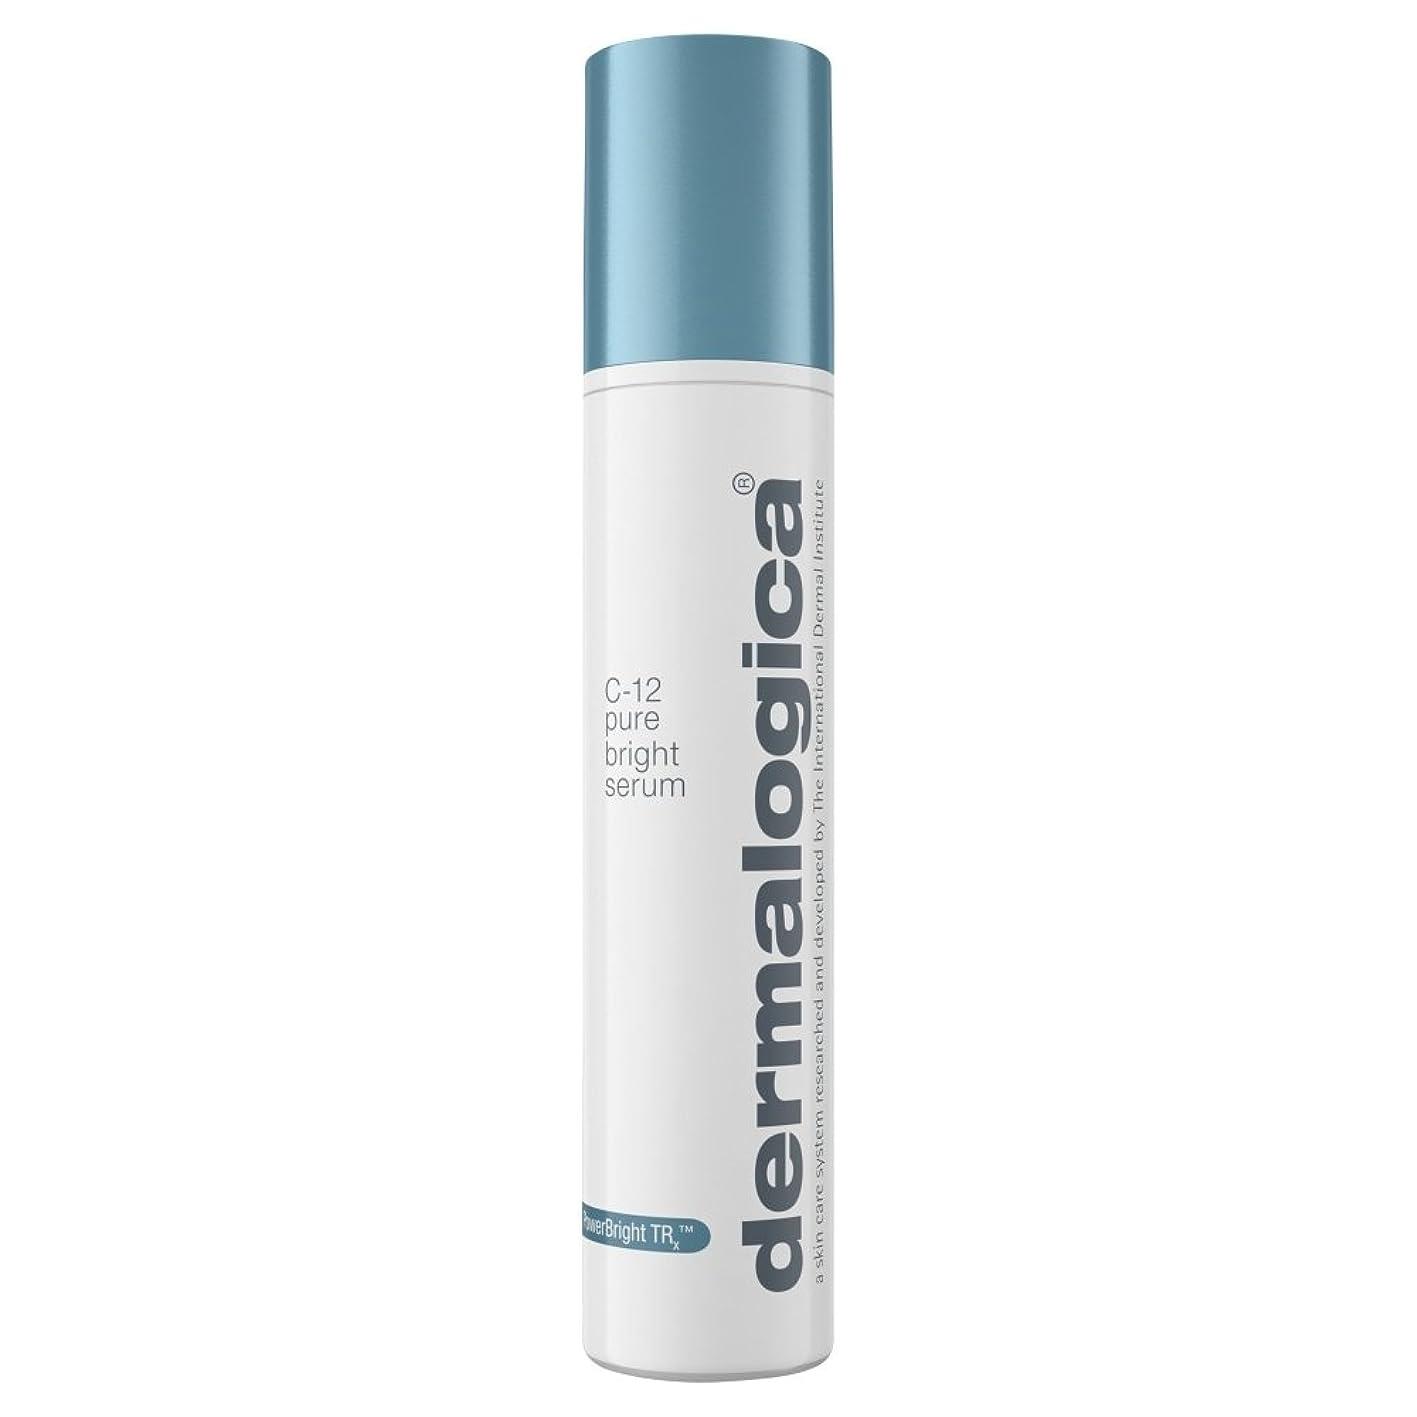 ポテト時刻表フットボールダーマロジカPowerbright Trx?C-12純粋な明るい血清50ミリリットル (Dermalogica) (x6) - Dermalogica PowerBright TRx? C-12 Pure Bright Serum 50ml (Pack of 6) [並行輸入品]